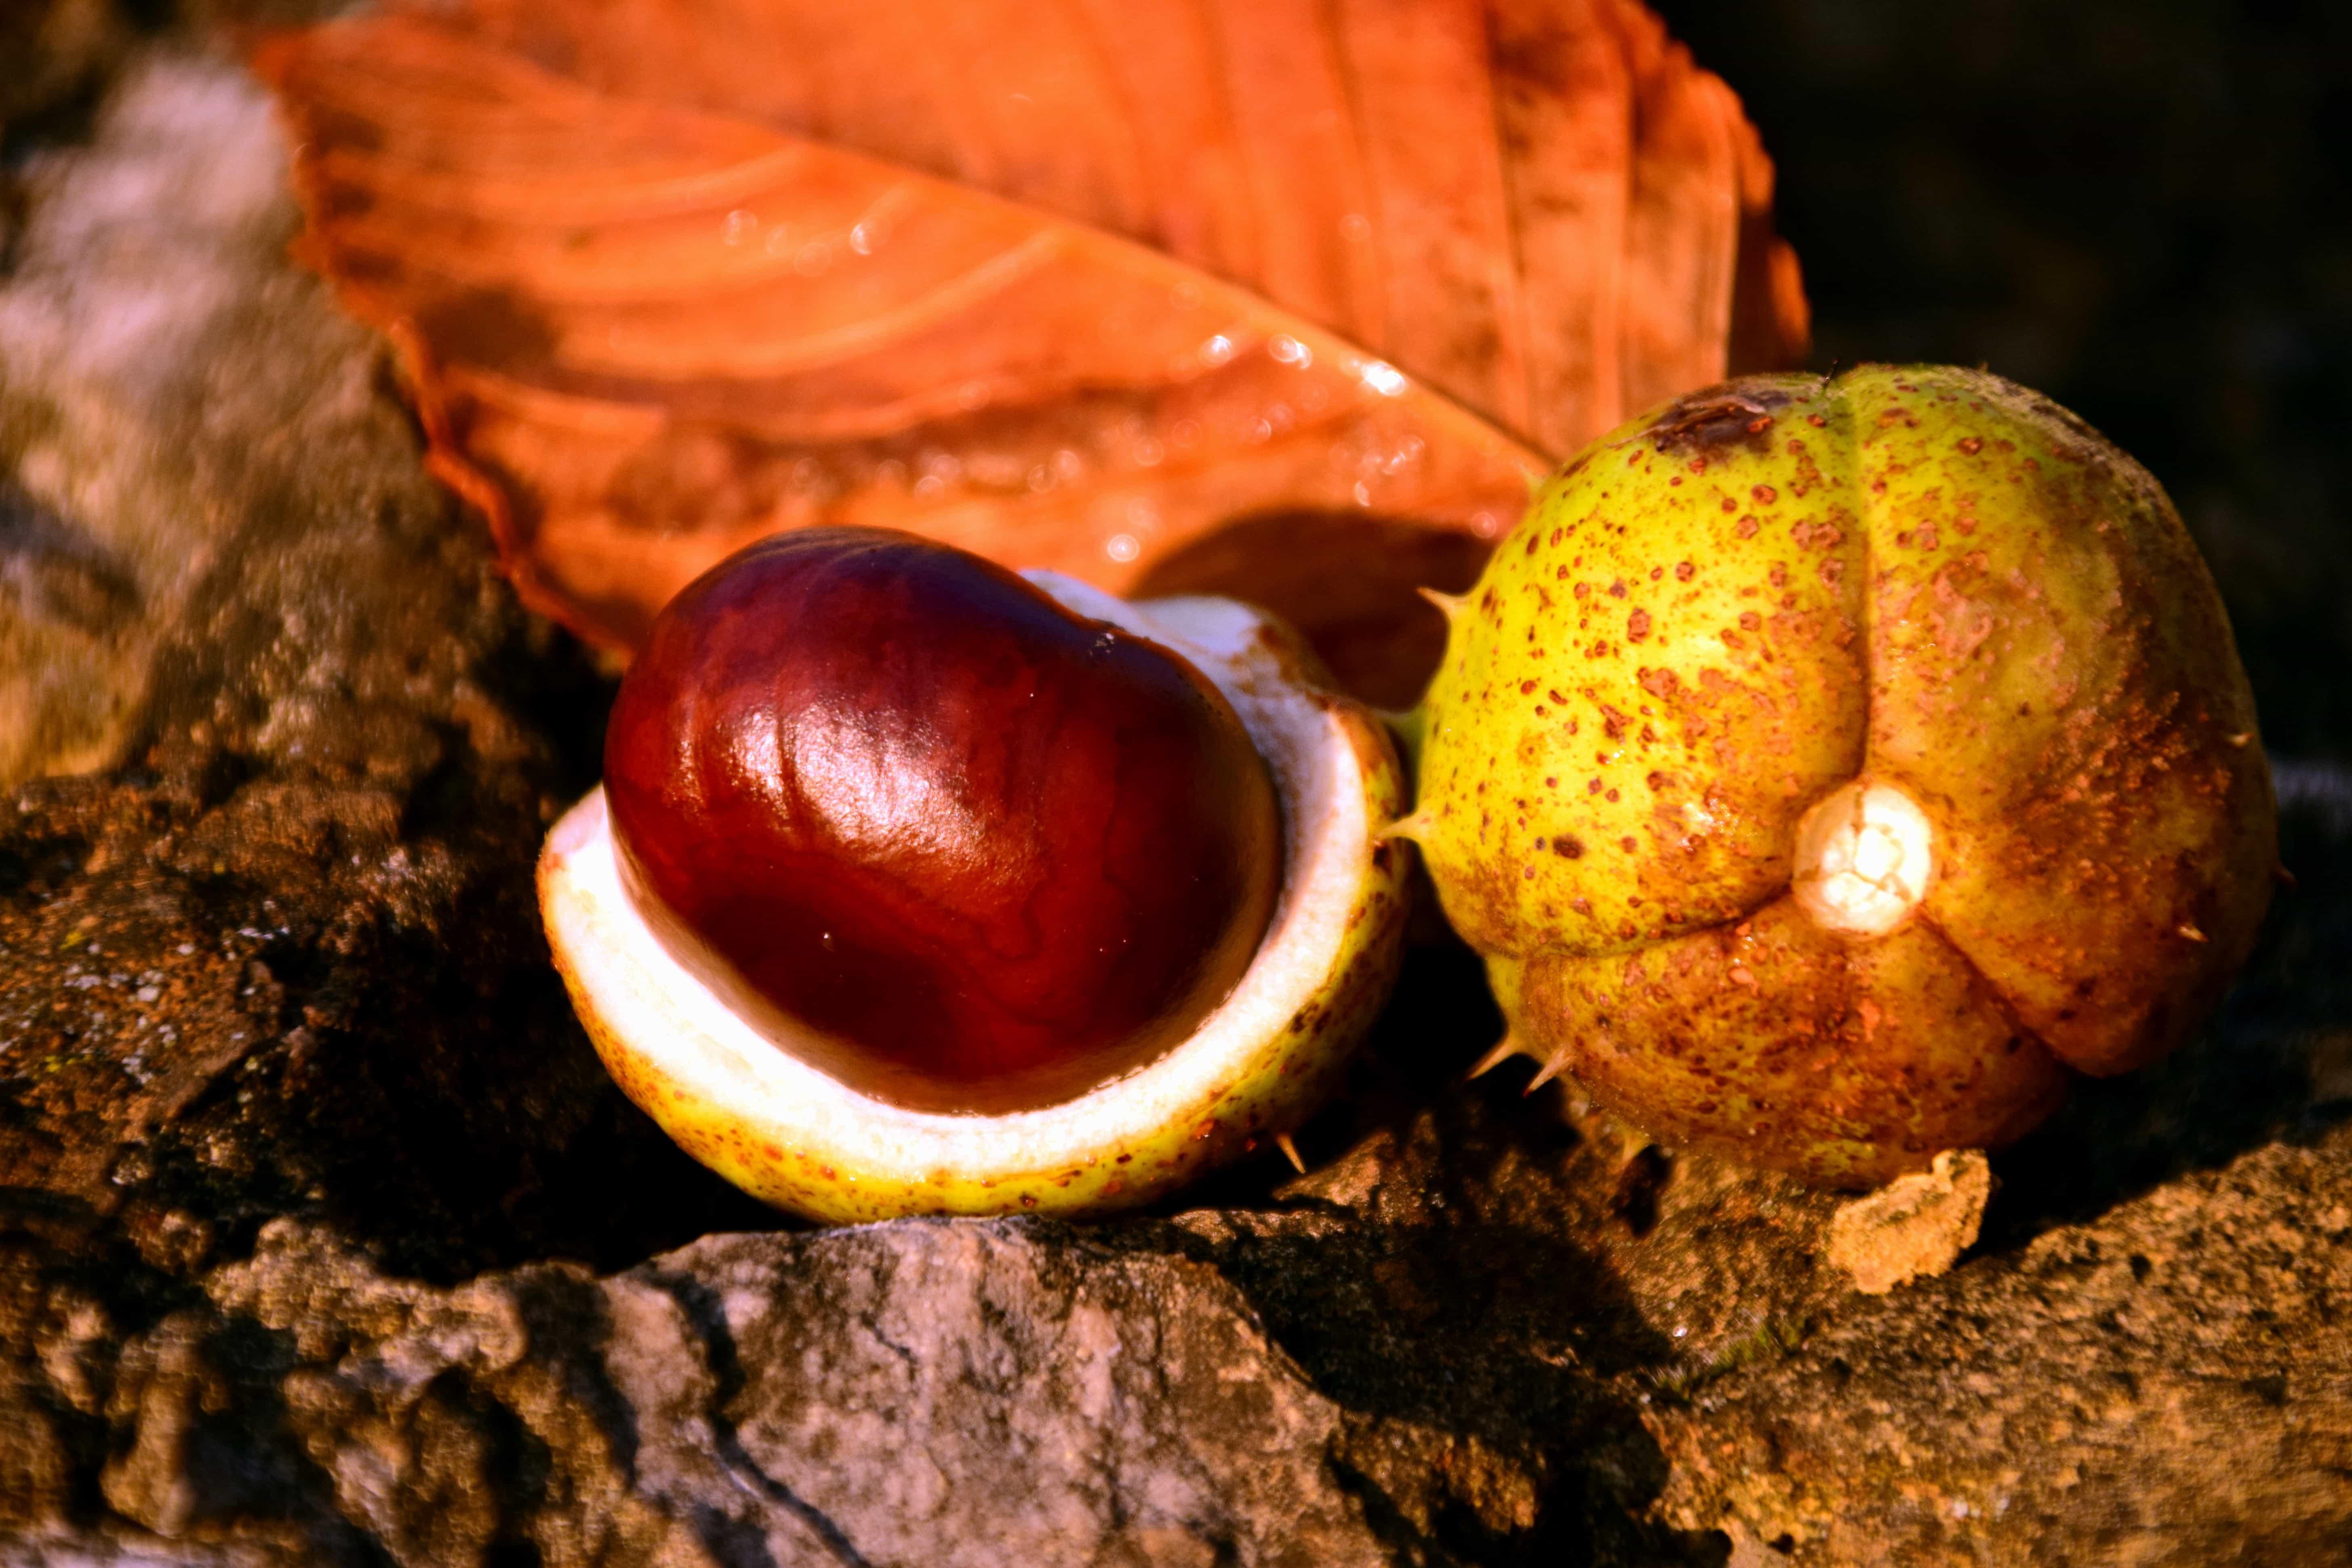 непременно оцените семена каштана фото верность также